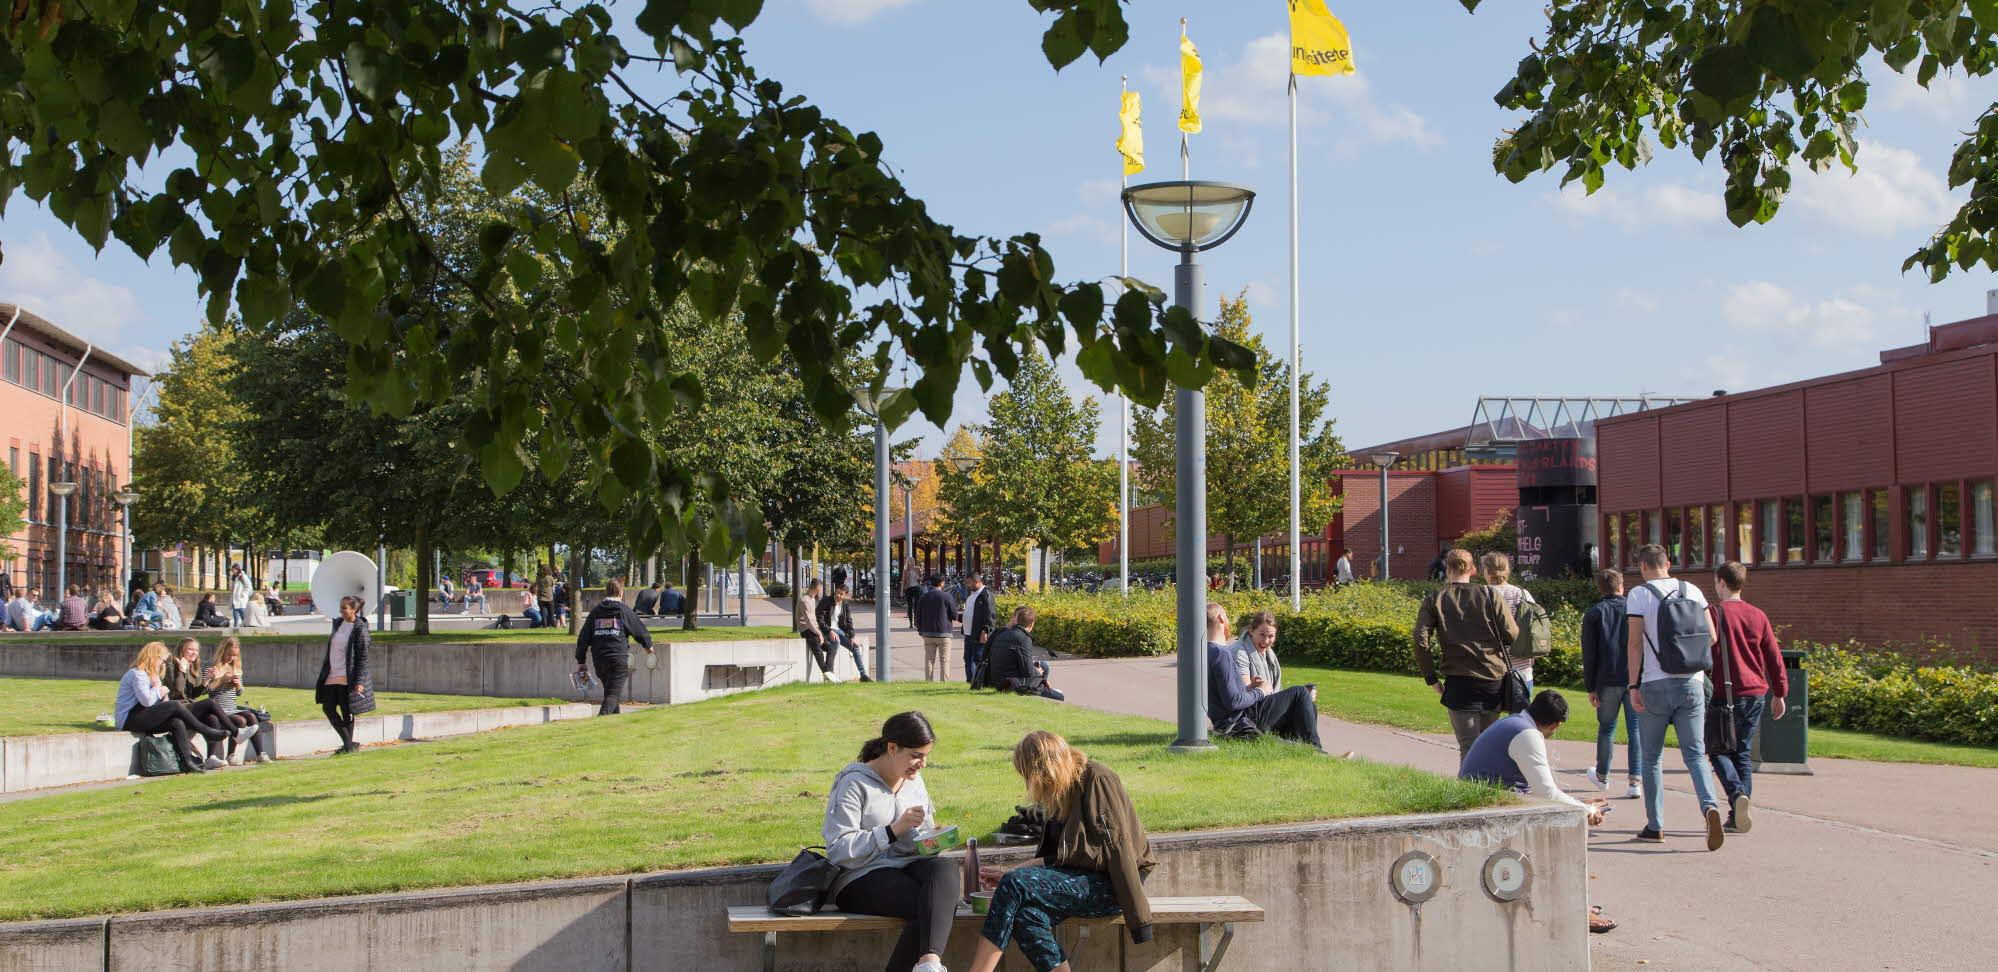 دانشگاه لینوس در سوئد